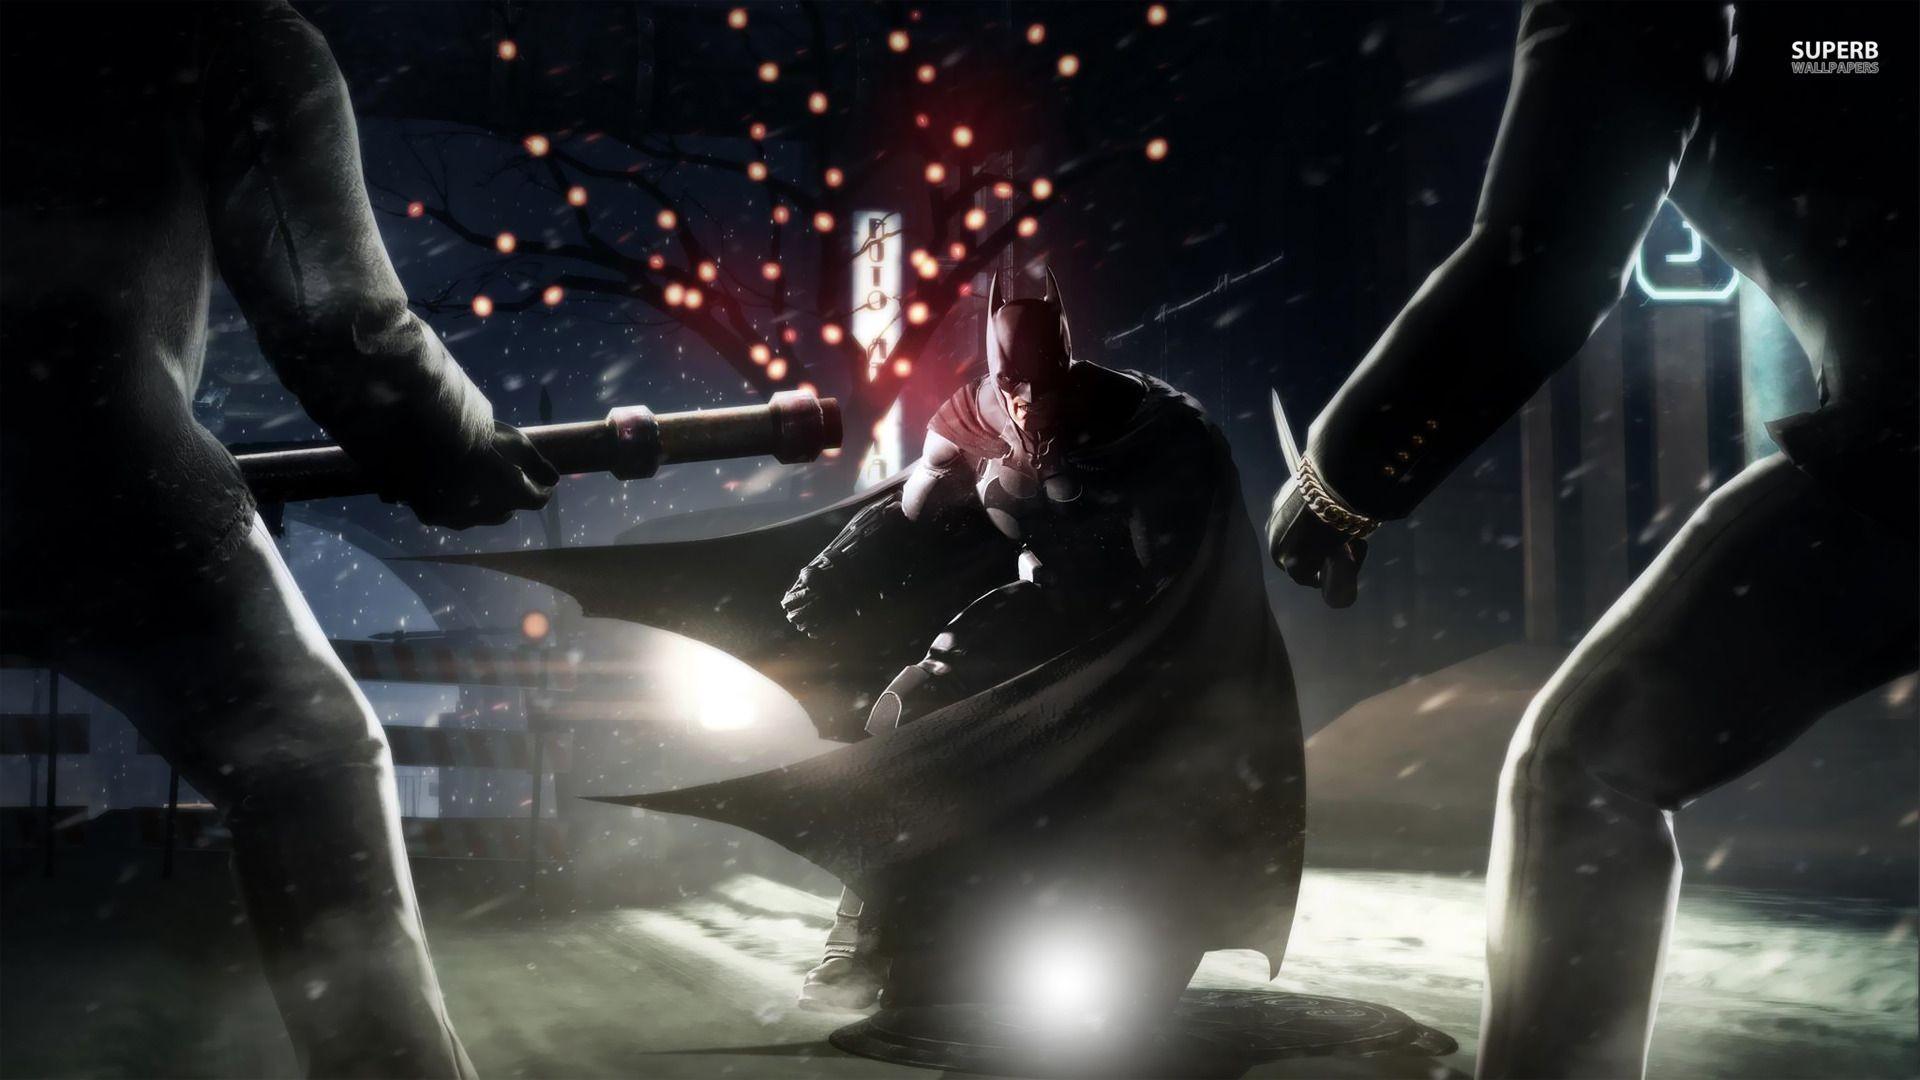 Batman: Arkham Origins wallpaper – Game wallpapers – #21228